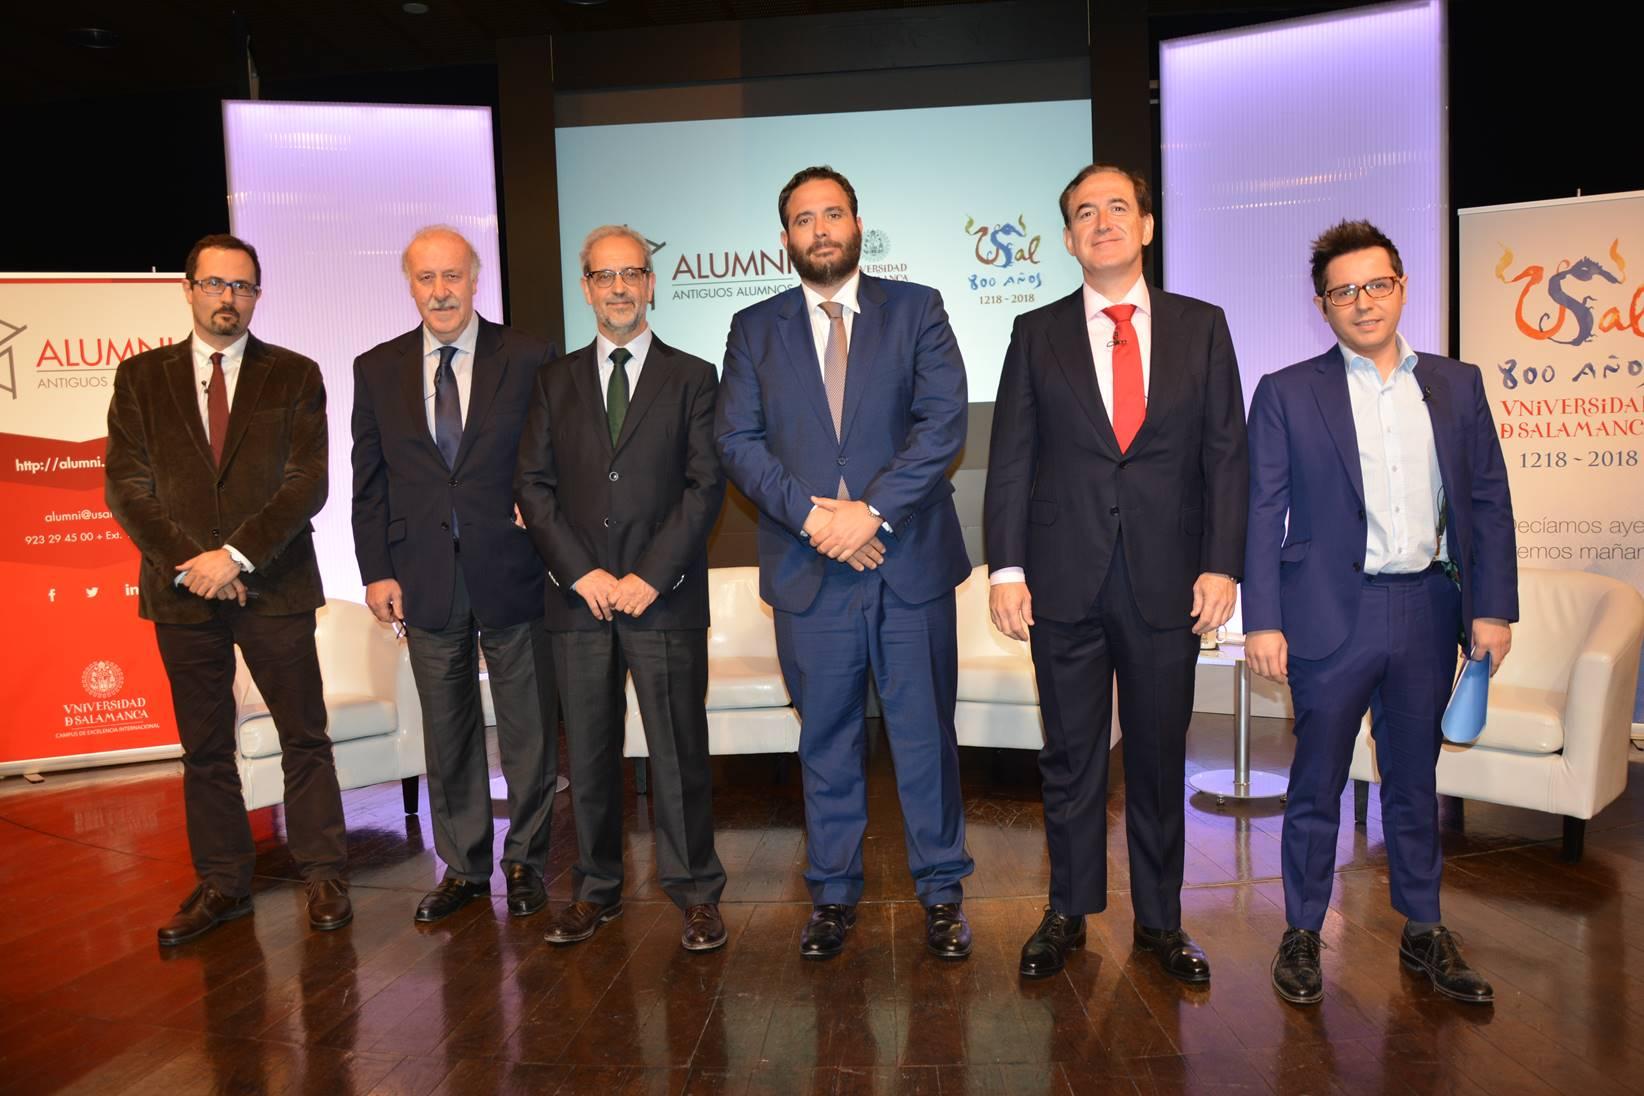 Alumni-Universidad de Salamanca se presenta en Madrid con un encuentro entre el seleccionador Vicente del Bosque, y el presidente de Mapfre, Antonio Huertas